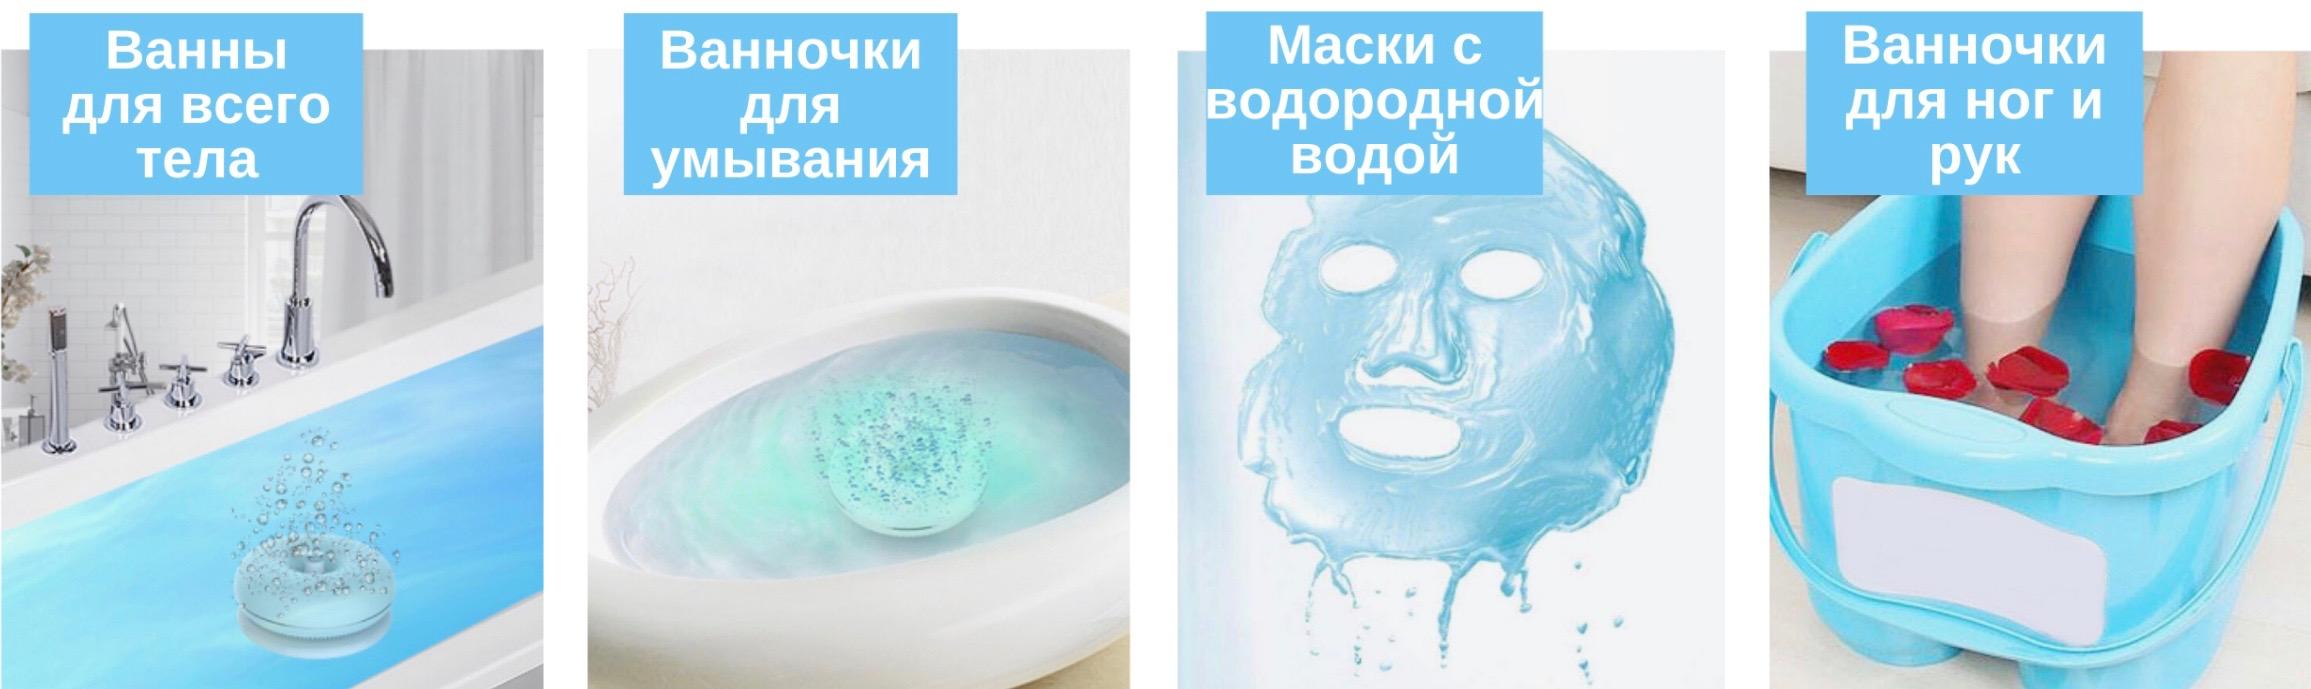 применение водородной спа капсулы